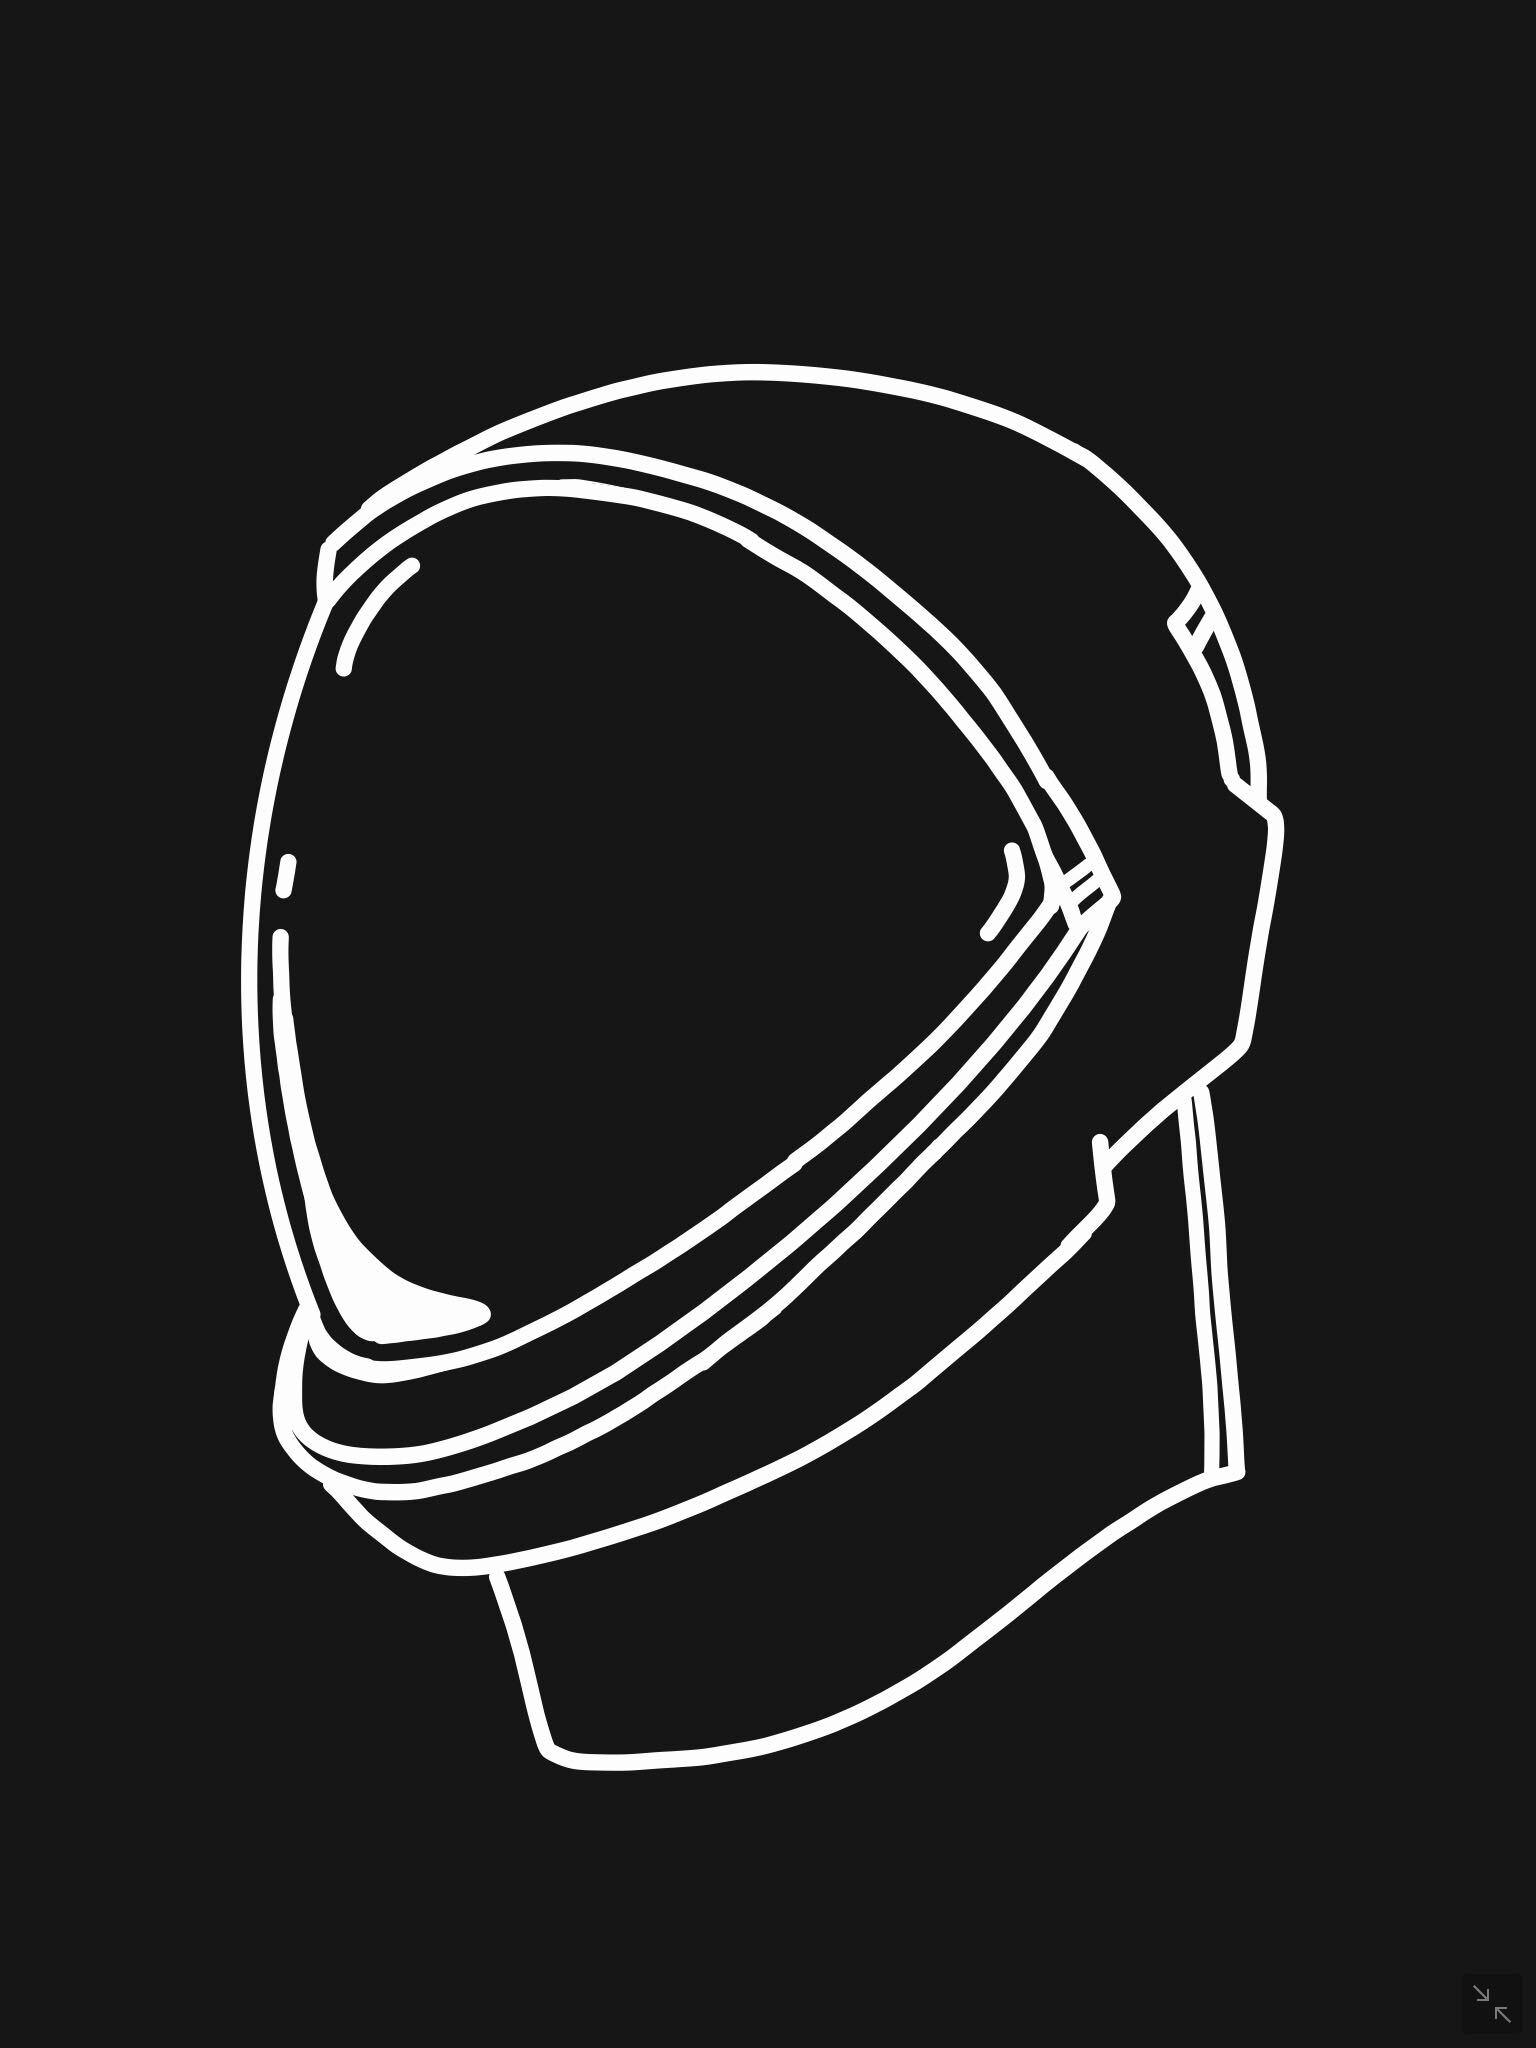 https://cloud-4hqjp53ew.vercel.app/0image_from_ios.jpg